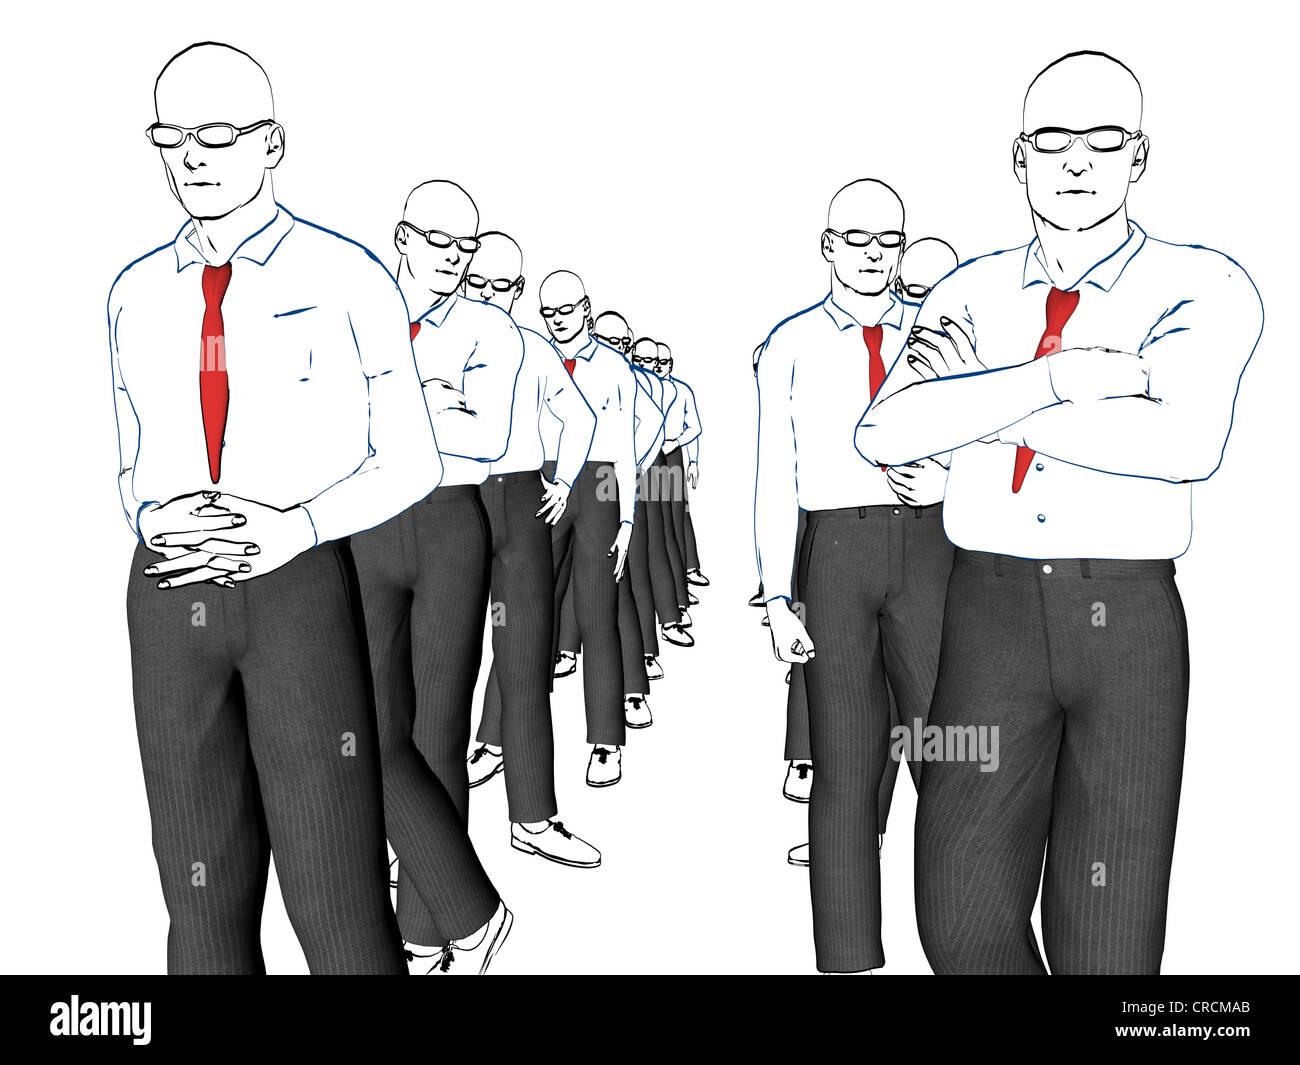 Employees, illustration, symbolic image of unemployment - Stock Image